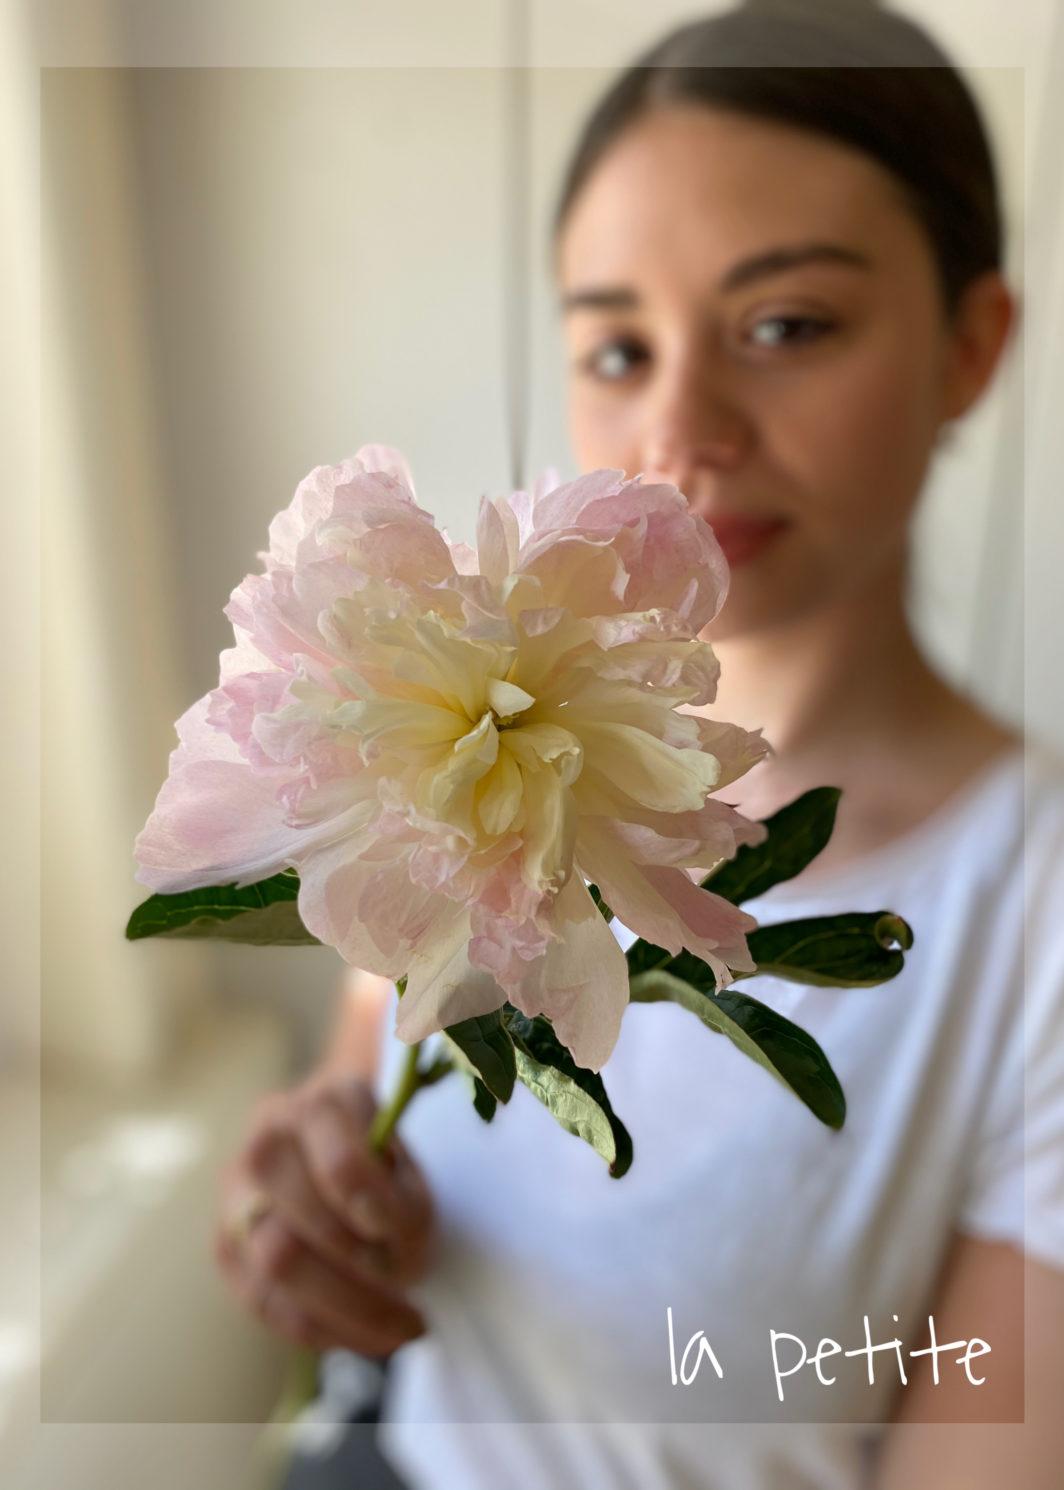 LA PETITE - die kleine Gesichspflege ohne Massage & ohne Brauenkorrekur